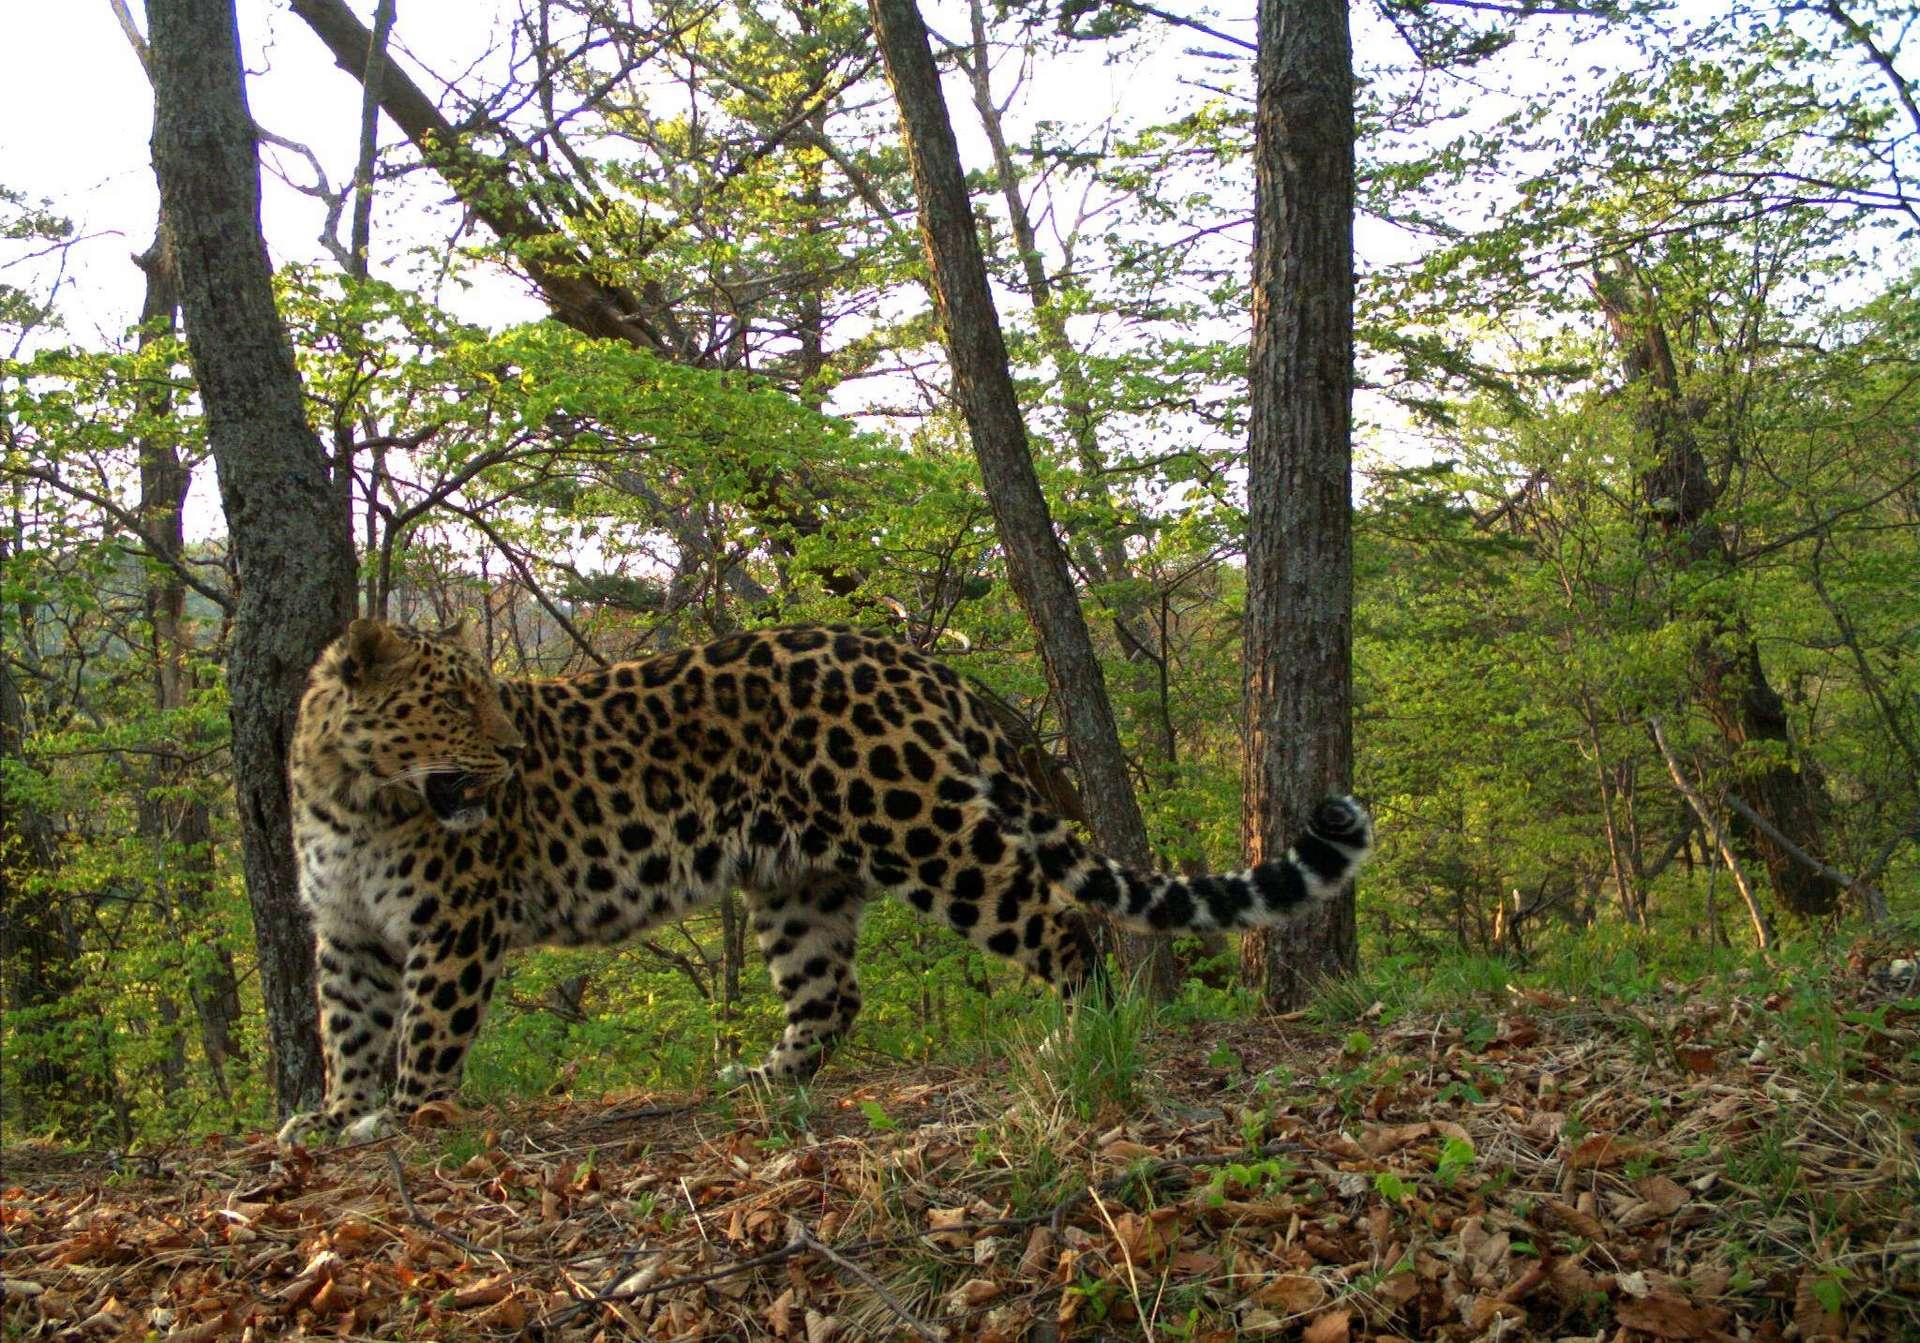 Le léopard de l'Amour est l'un des félins les plus rares au monde. © Land of the Leopard Nature Reserve, Facebook